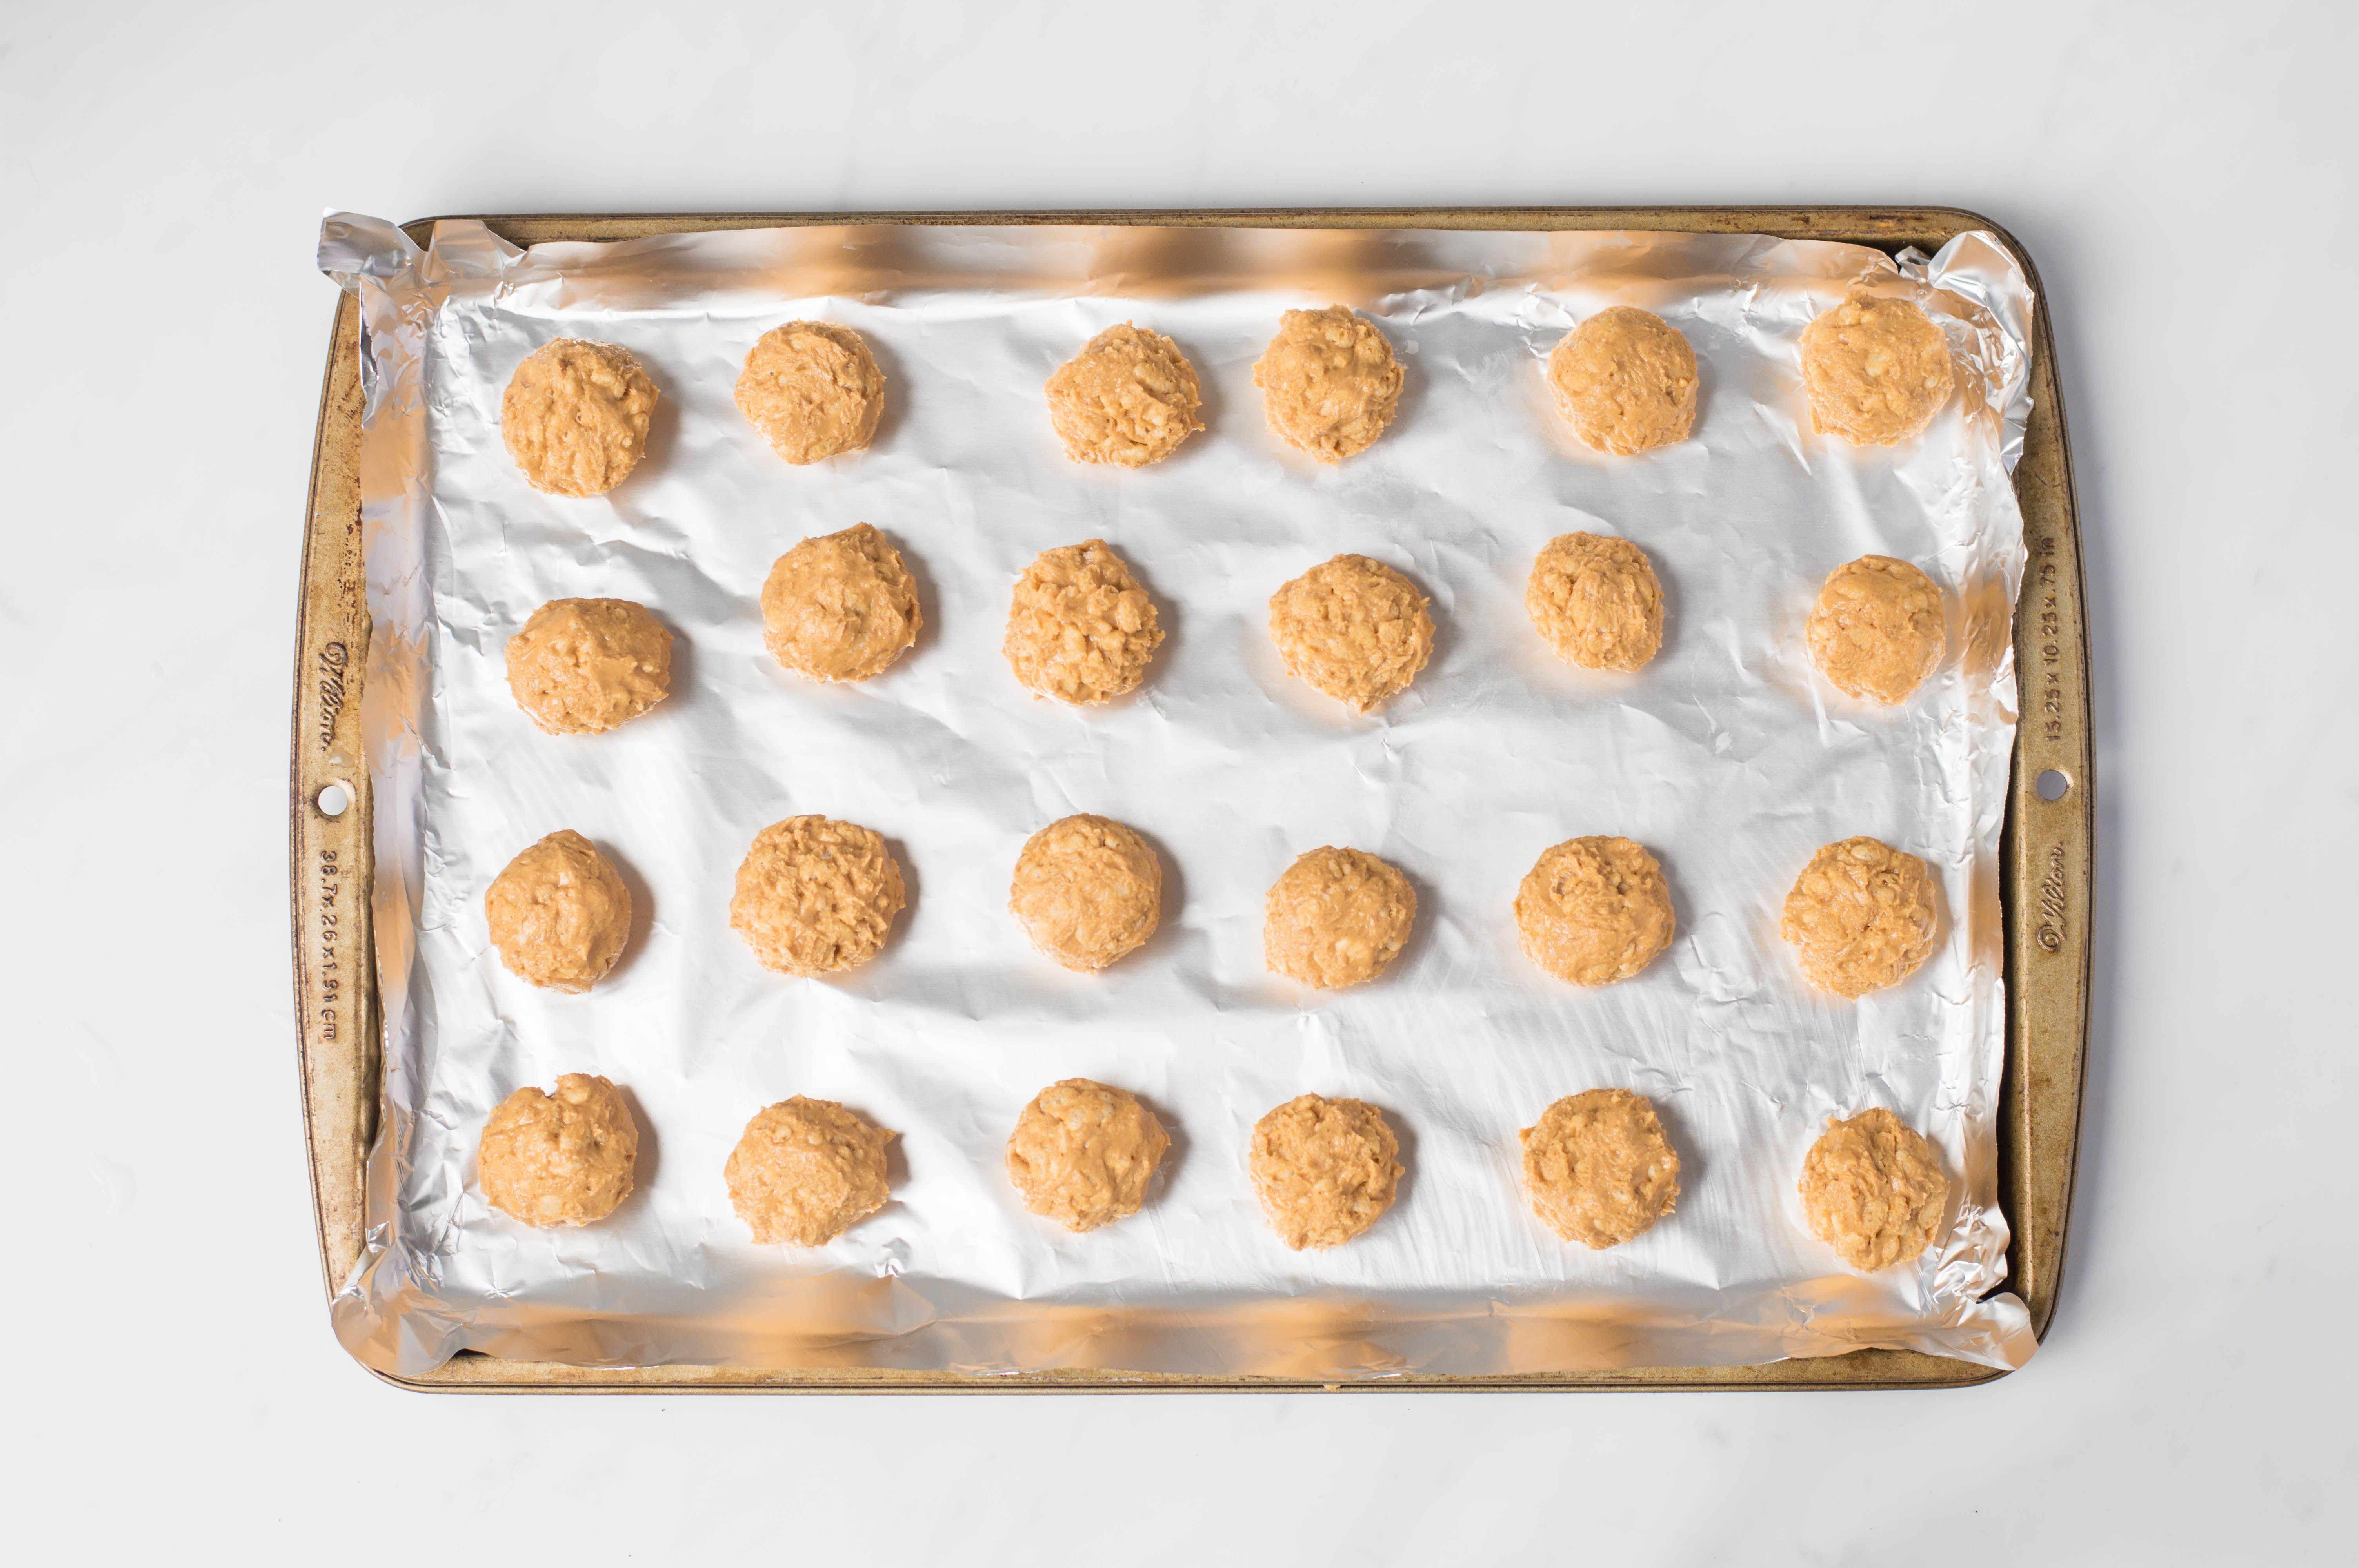 Place balls on baking sheet